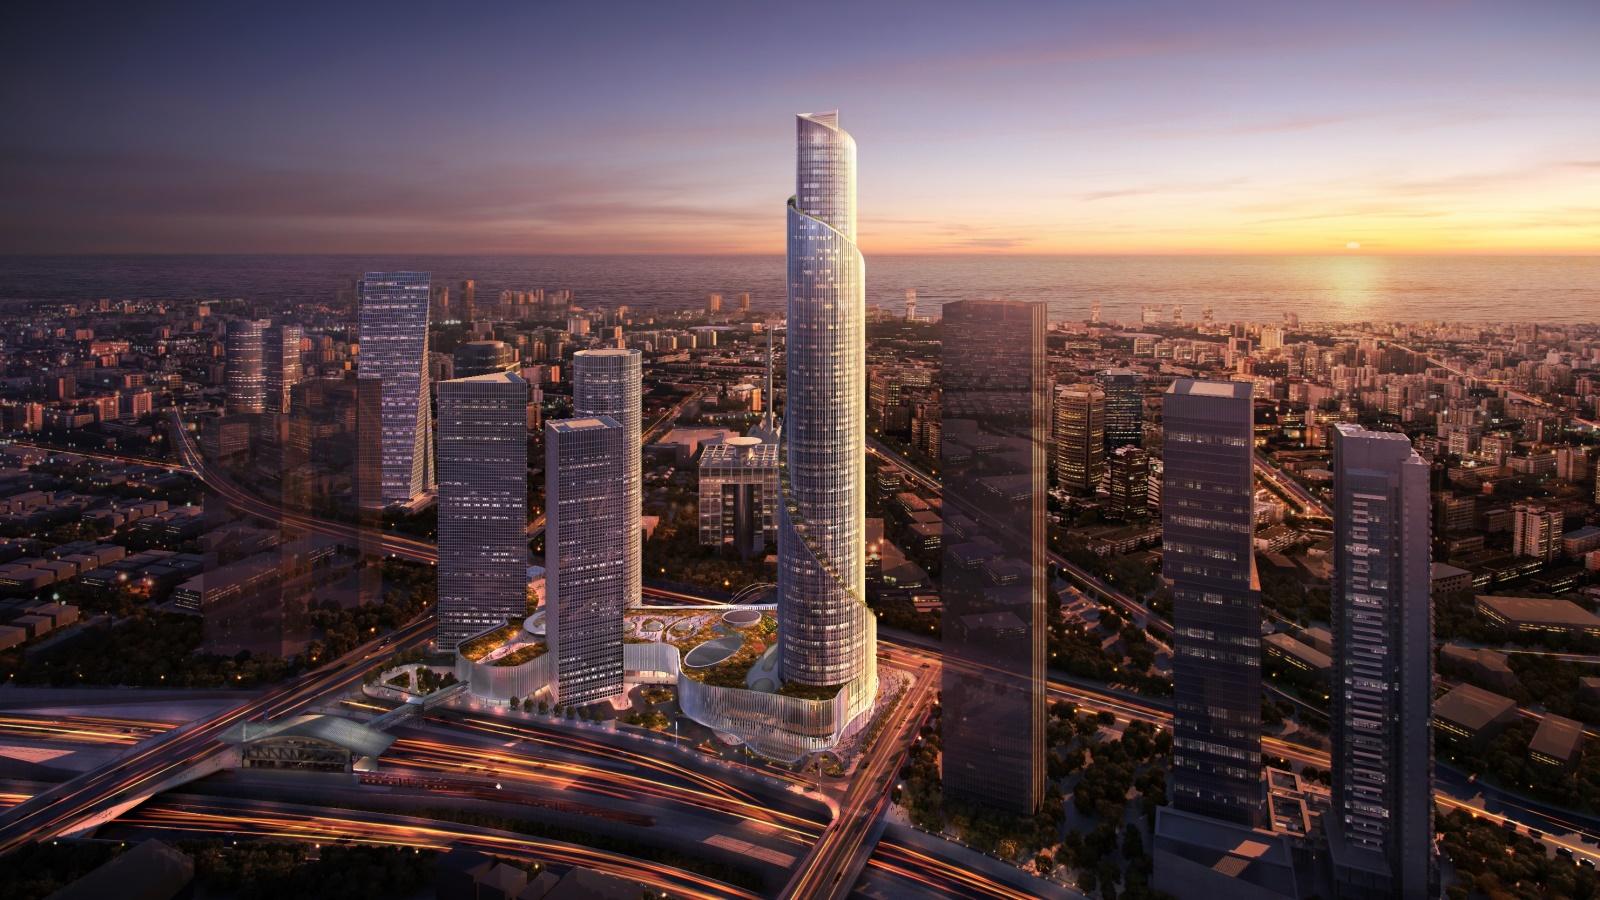 Israel S Tallest Tower To Be Added To Tel Aviv Landmark